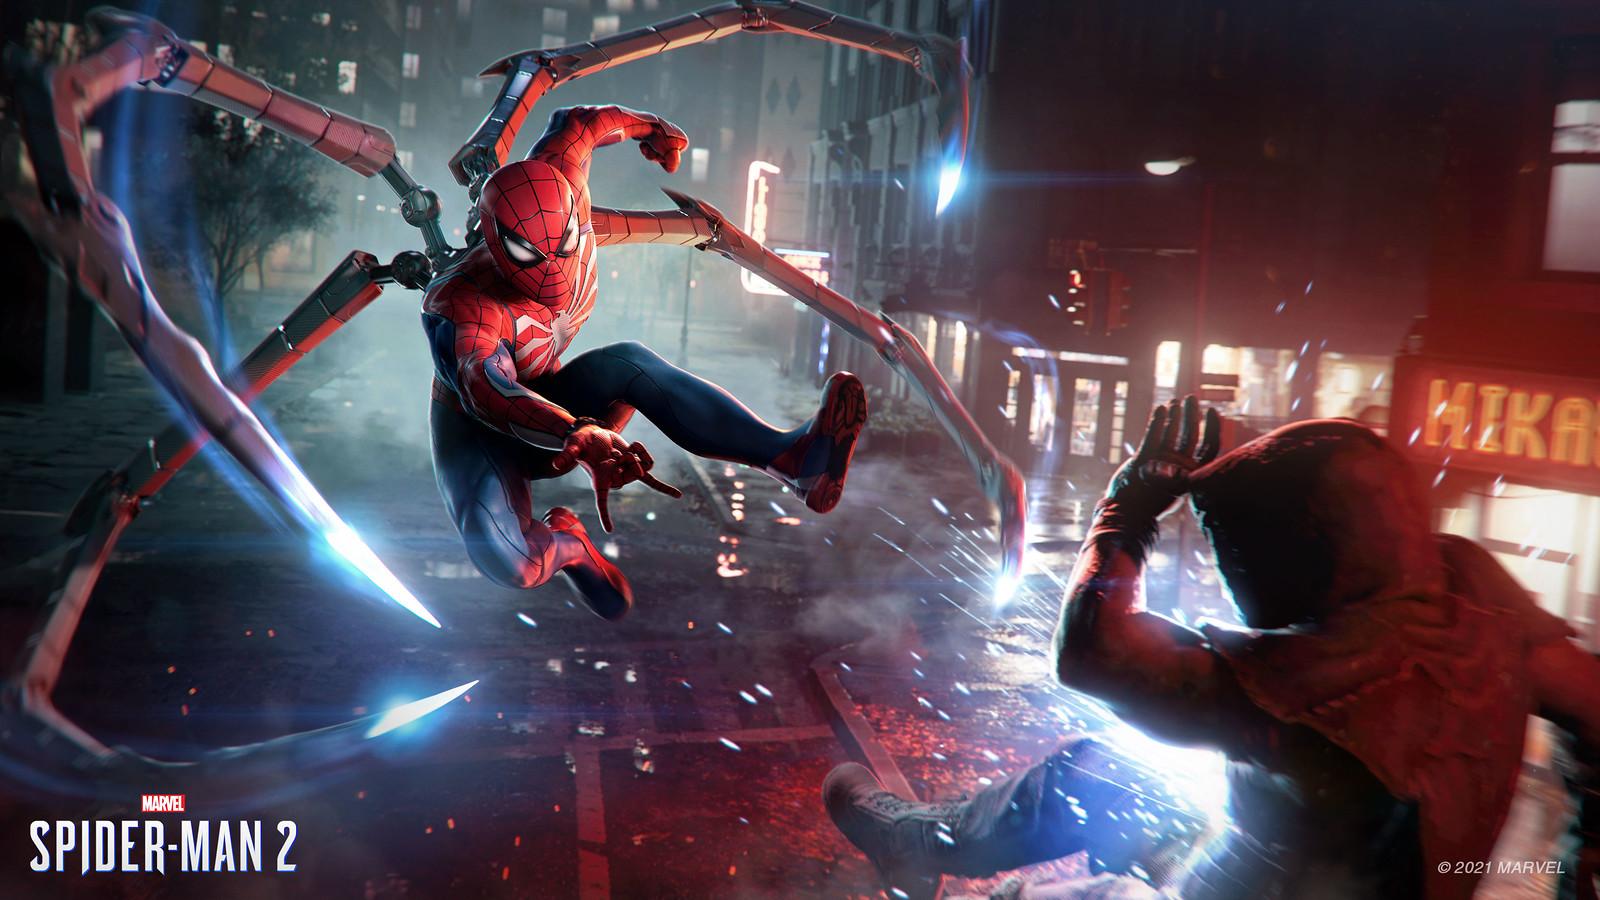 《漫威蜘蛛侠2》毒液配音演员公布 黑人男星托尼·托德插图5